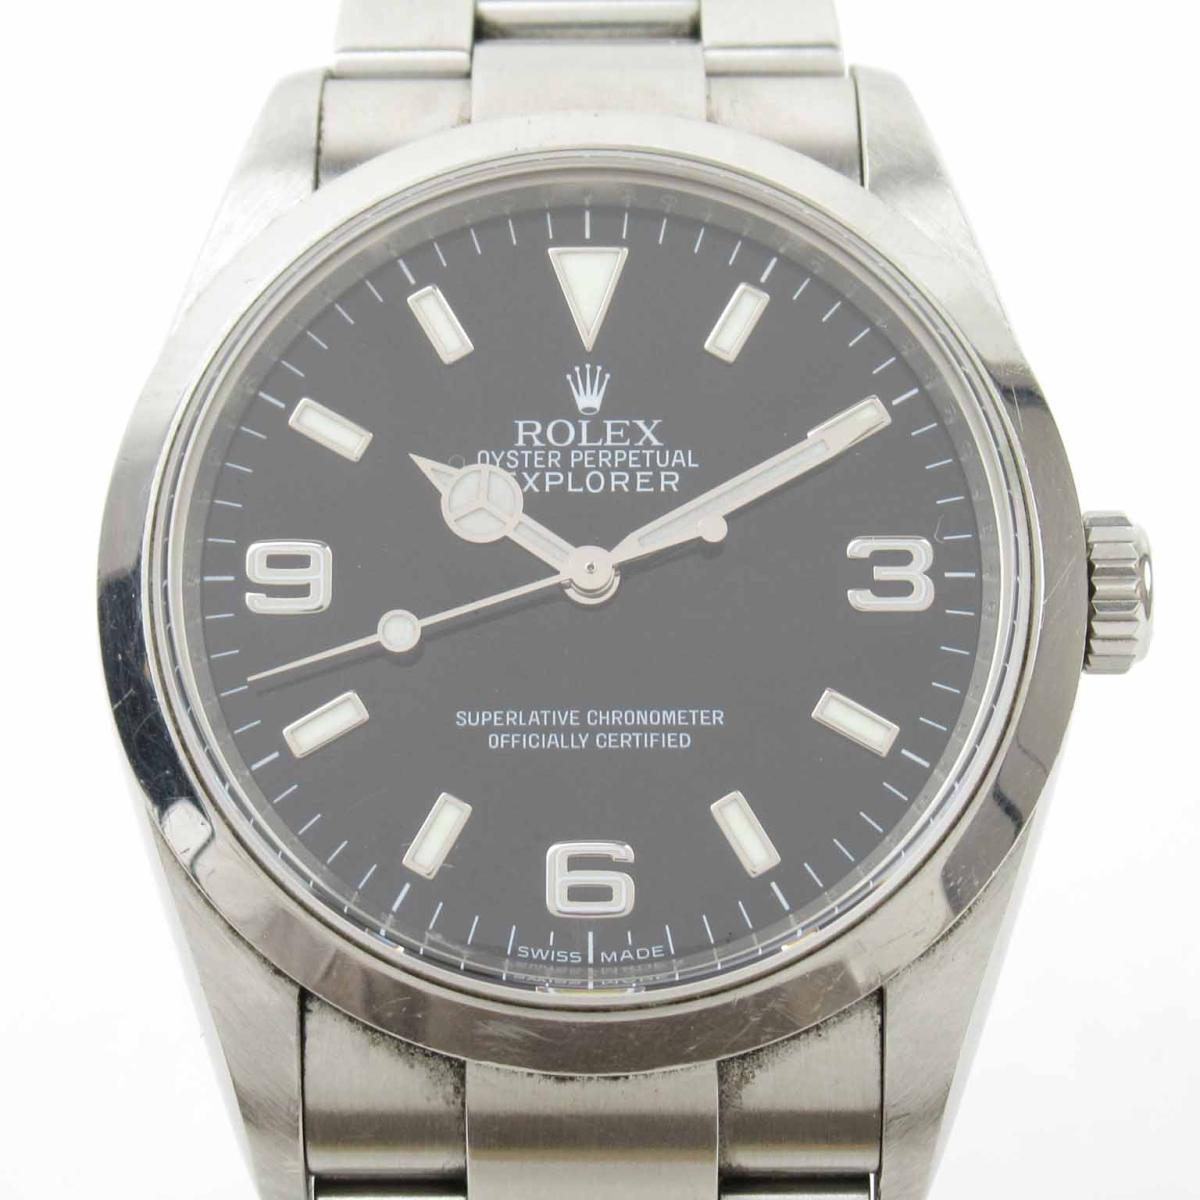 ≪期間限定≫メルマガ登録でクーポンGET! 【中古】 ロレックス エクスプローラー1 ウォッチ 腕時計 メンズ ステンレススチール (SS) (114270 Z番) | ROLEX BRANDOFF ブランドオフ ブランド ブランド時計 ブランド腕時計 時計